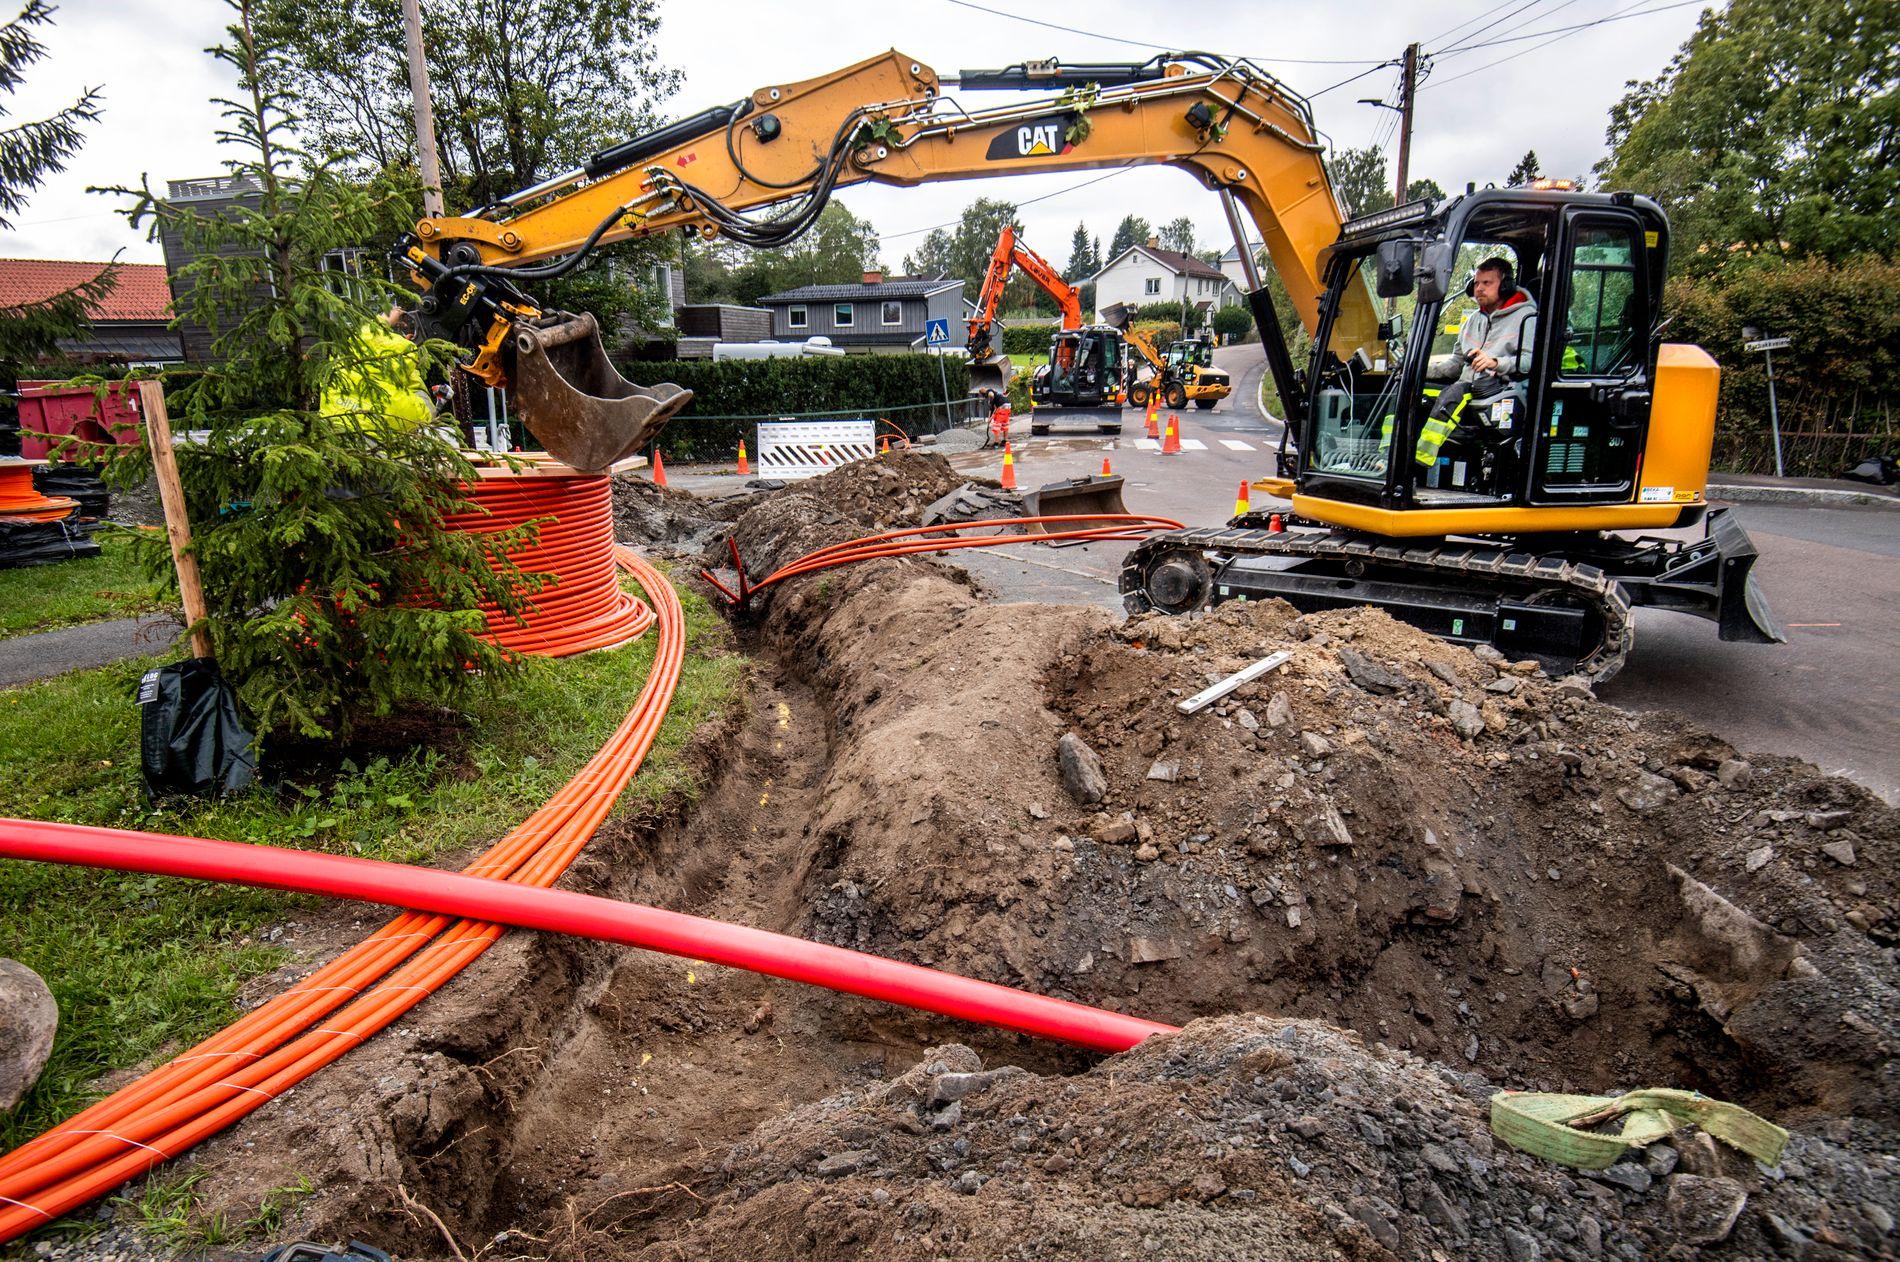 KOSTBART: Regjeringen mener kommunene ikke gjør som de skal for å få billigere internett-utbygging over hele landet. På bildet legges en fiberkabel gjennom et nabolag øst i Oslo. Fortsatt er områder over hele landet, i byer og på landet, uten fiber.